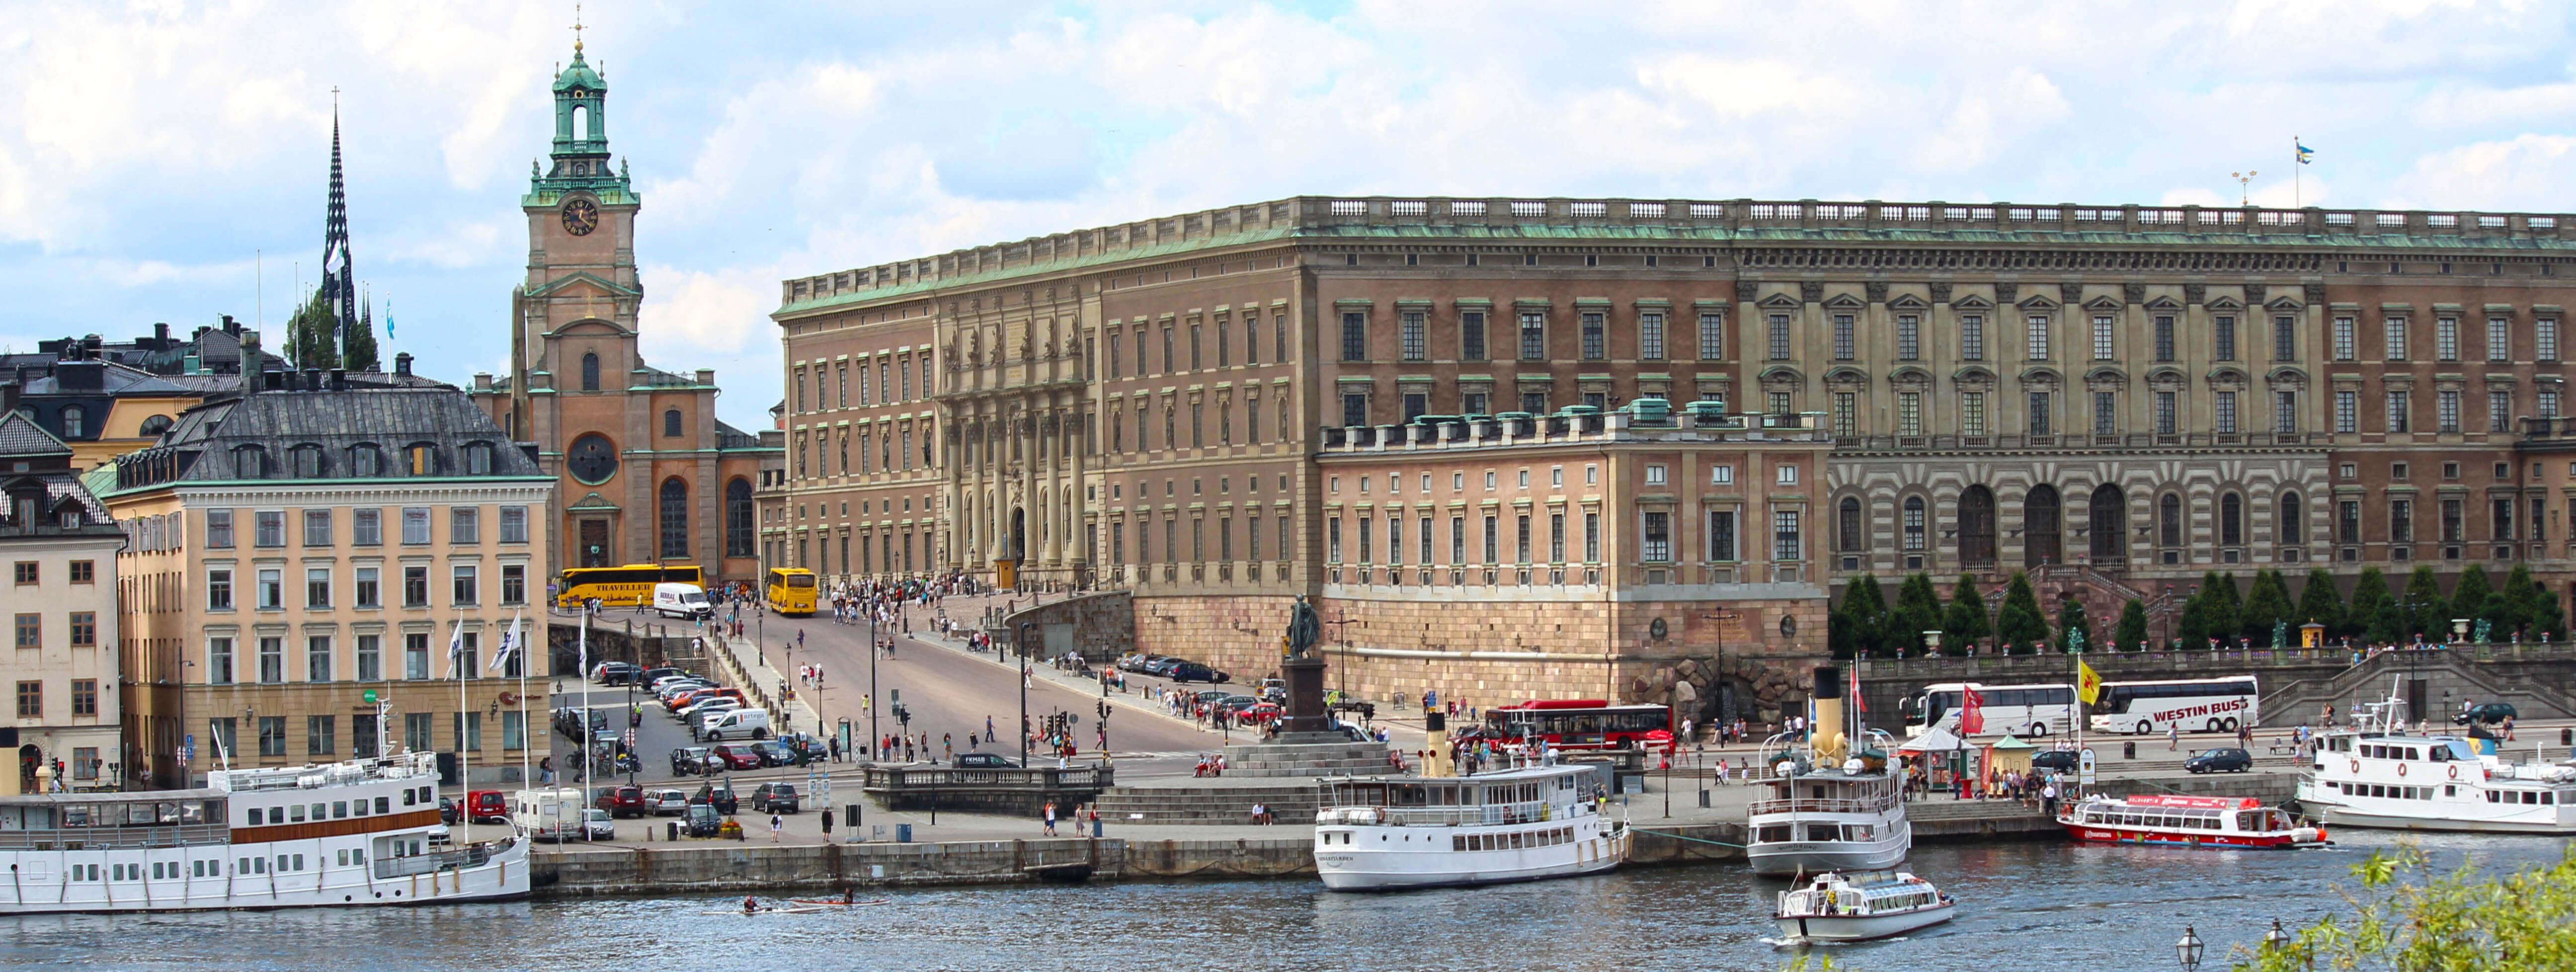 Stoccolma Dove Dormire, Scegliere l'Hotel Giusto è Importante